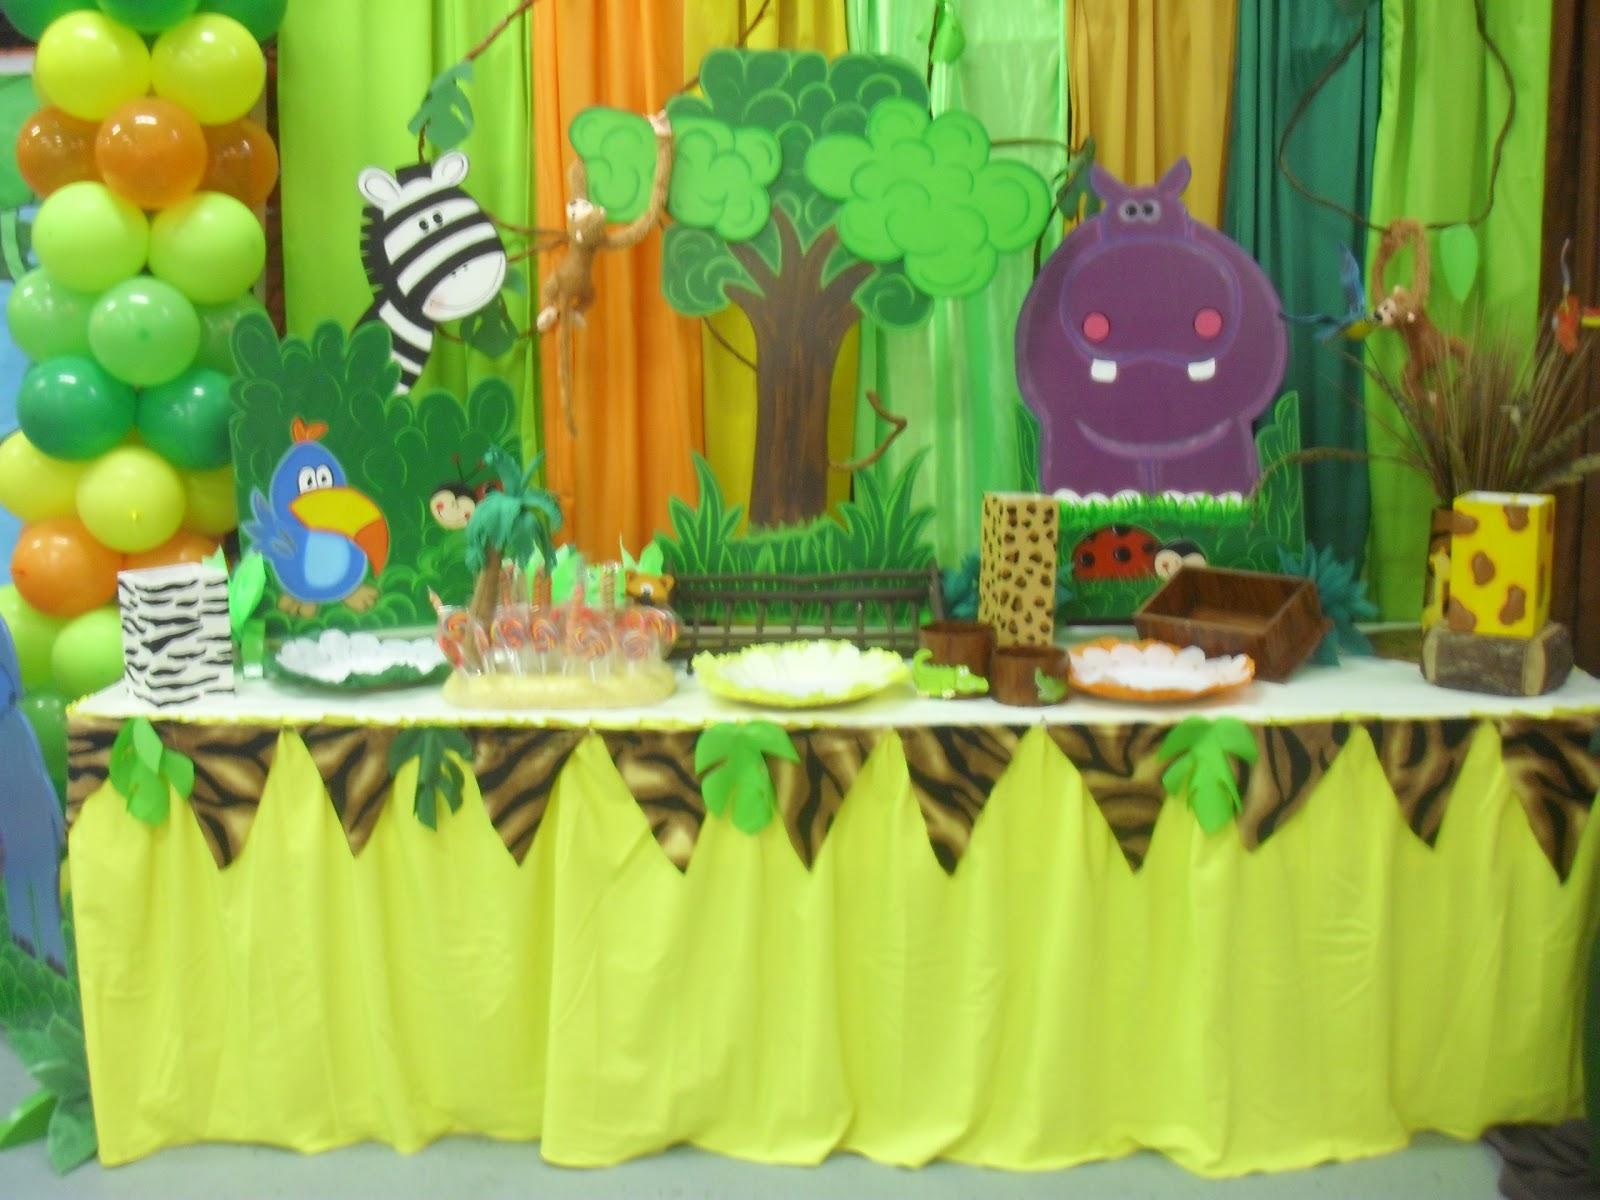 Ursula newman eventos fiesta infantil safari - Decoracion fiesta cumpleanos infantil ...